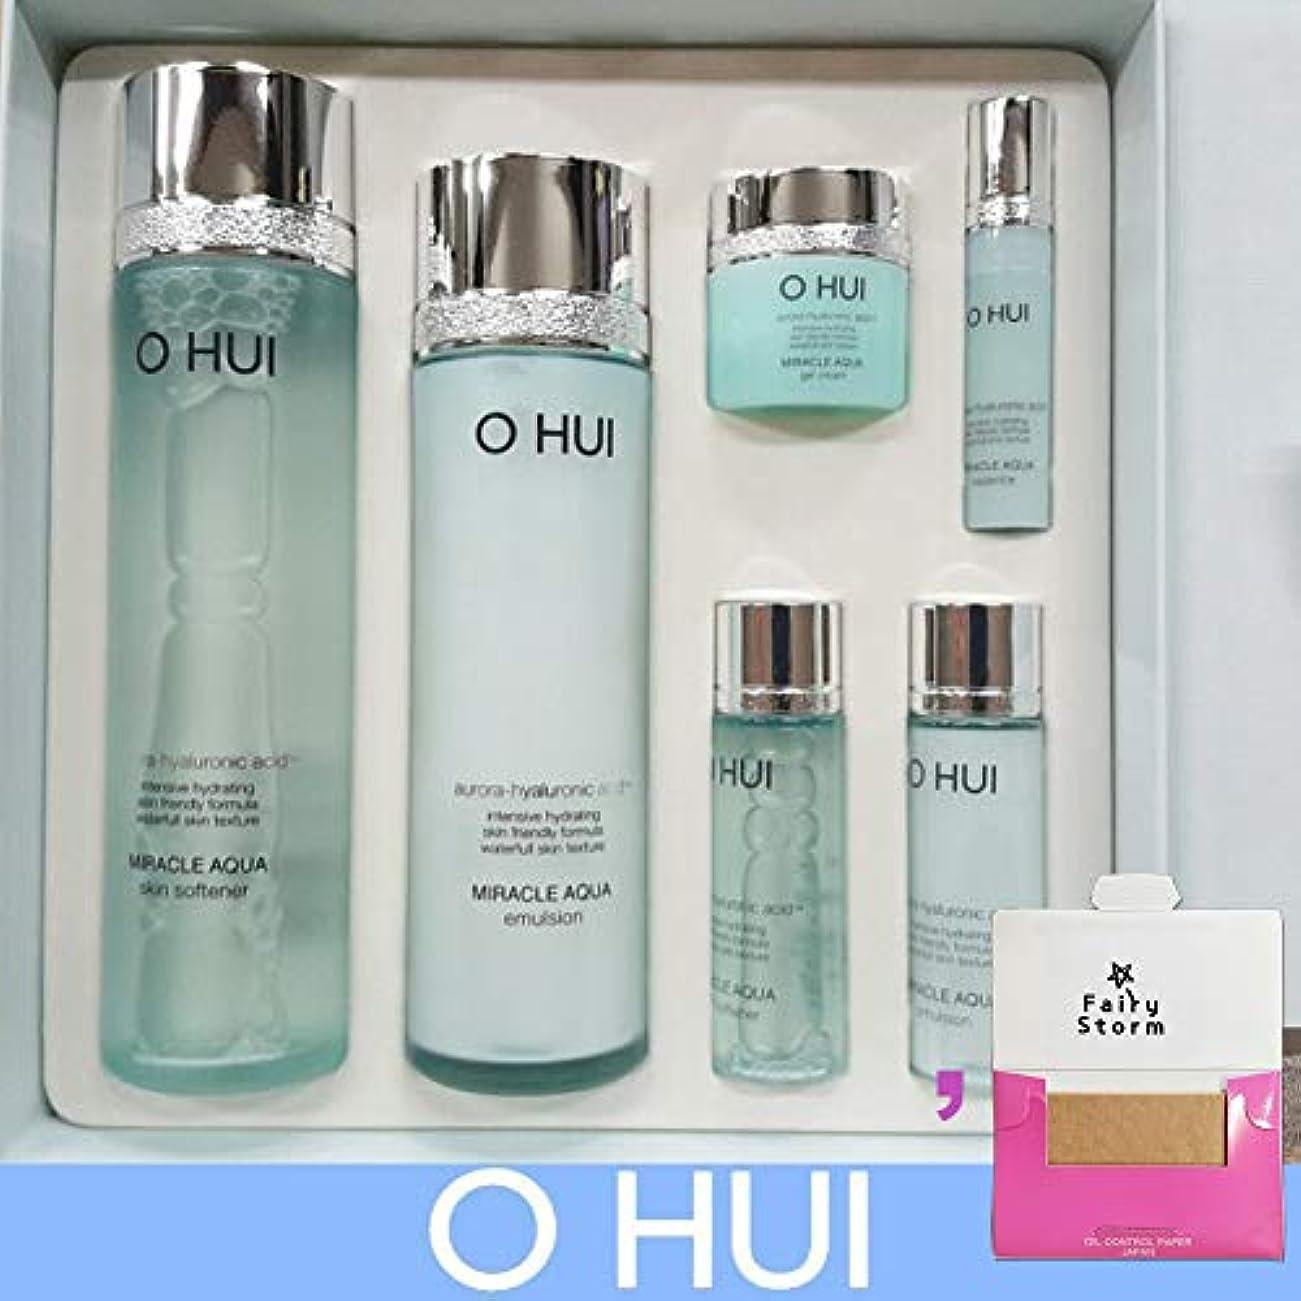 アサートうぬぼれ捨てる[オフィ/O HUI]韓国化粧品LG生活健康/O HUI MIRACLE AQUA SPECIAL SET/ミラクルアクア2種セット+[Sample Gift](海外直送品)